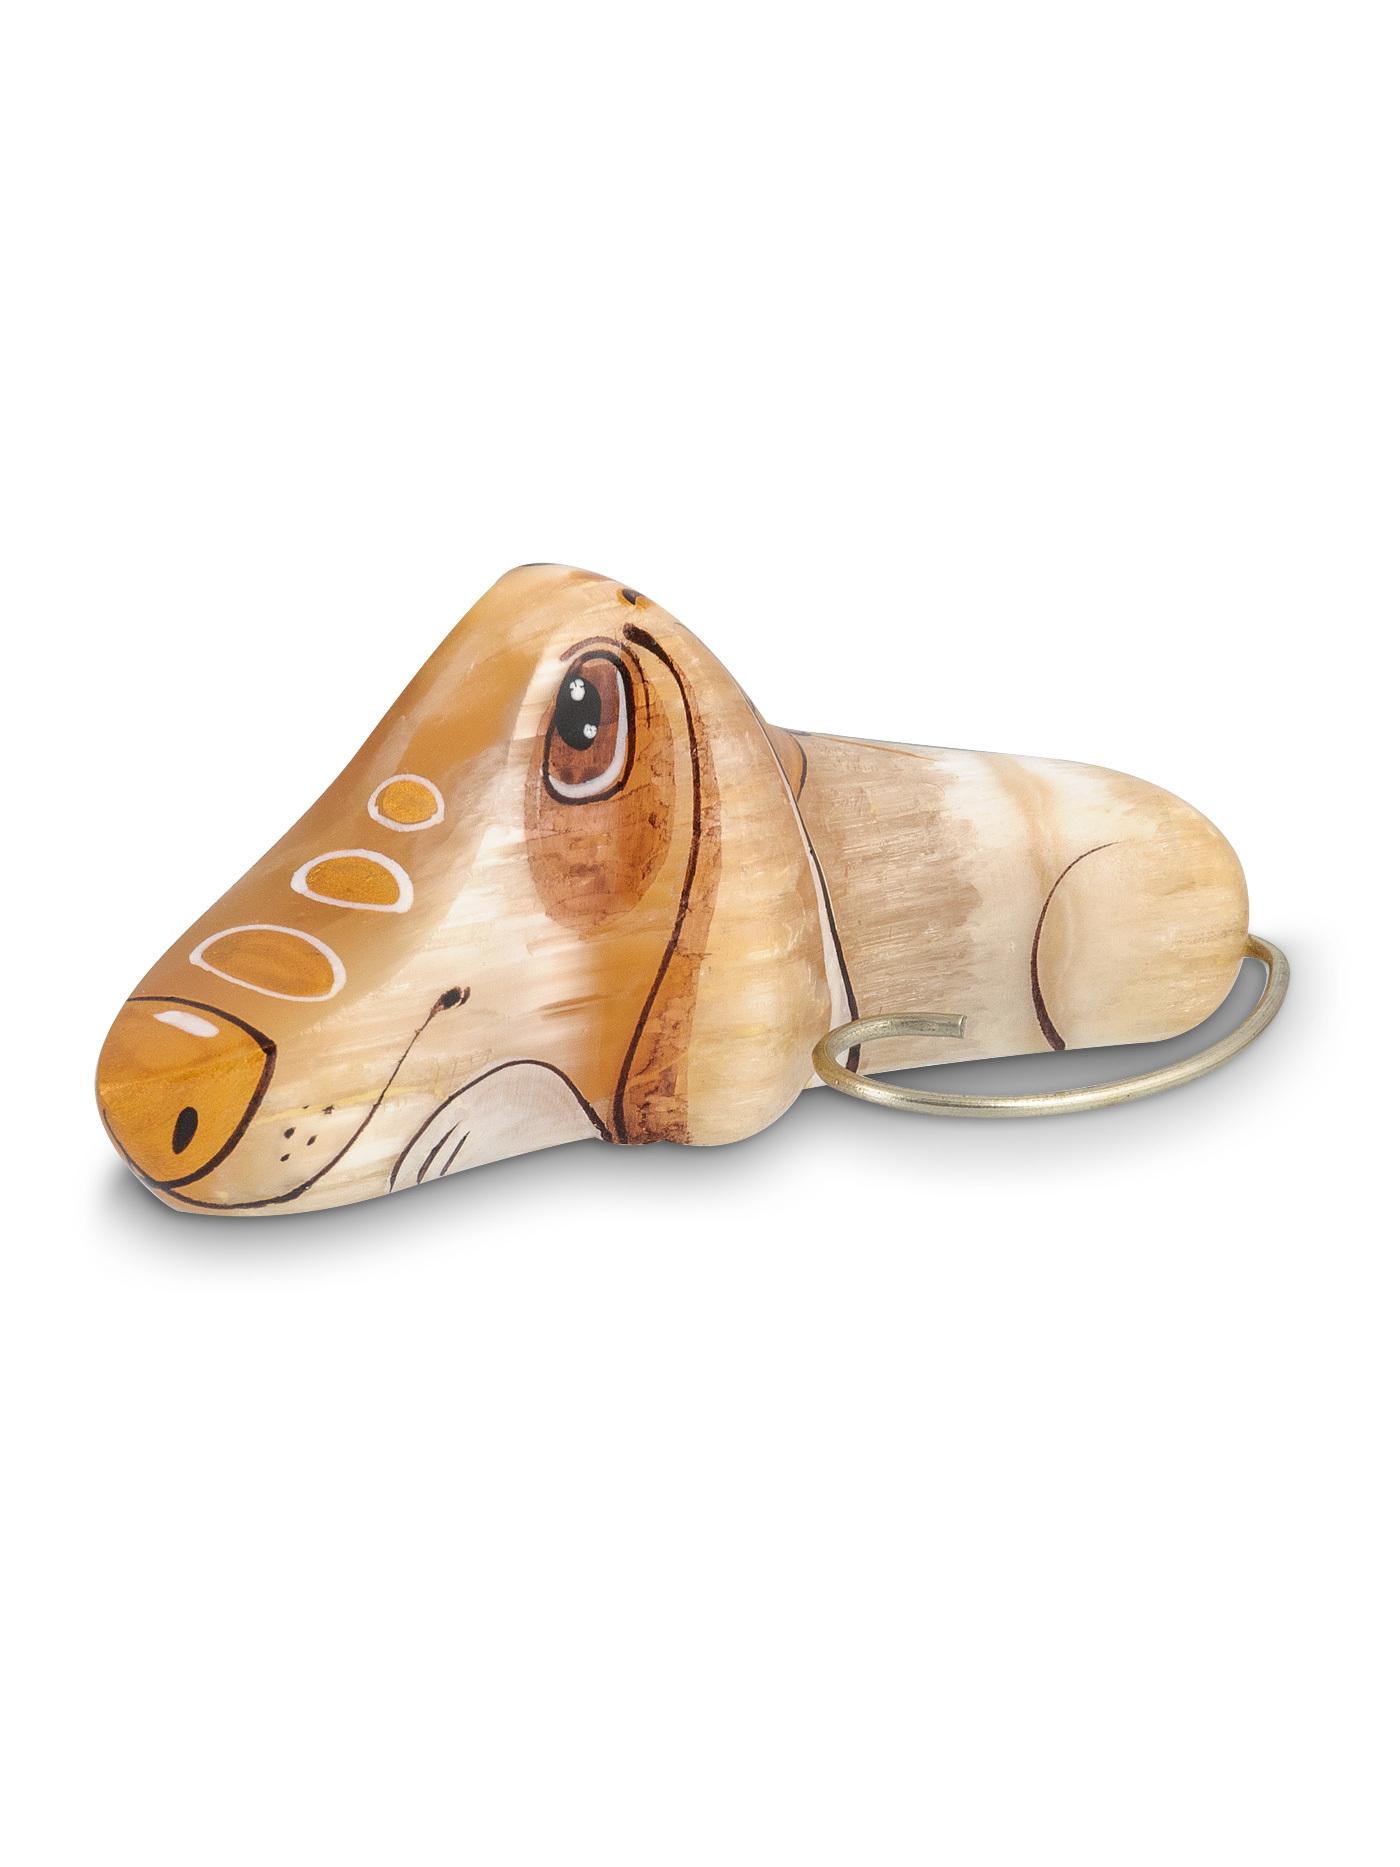 Собака Такса из натурального селенита